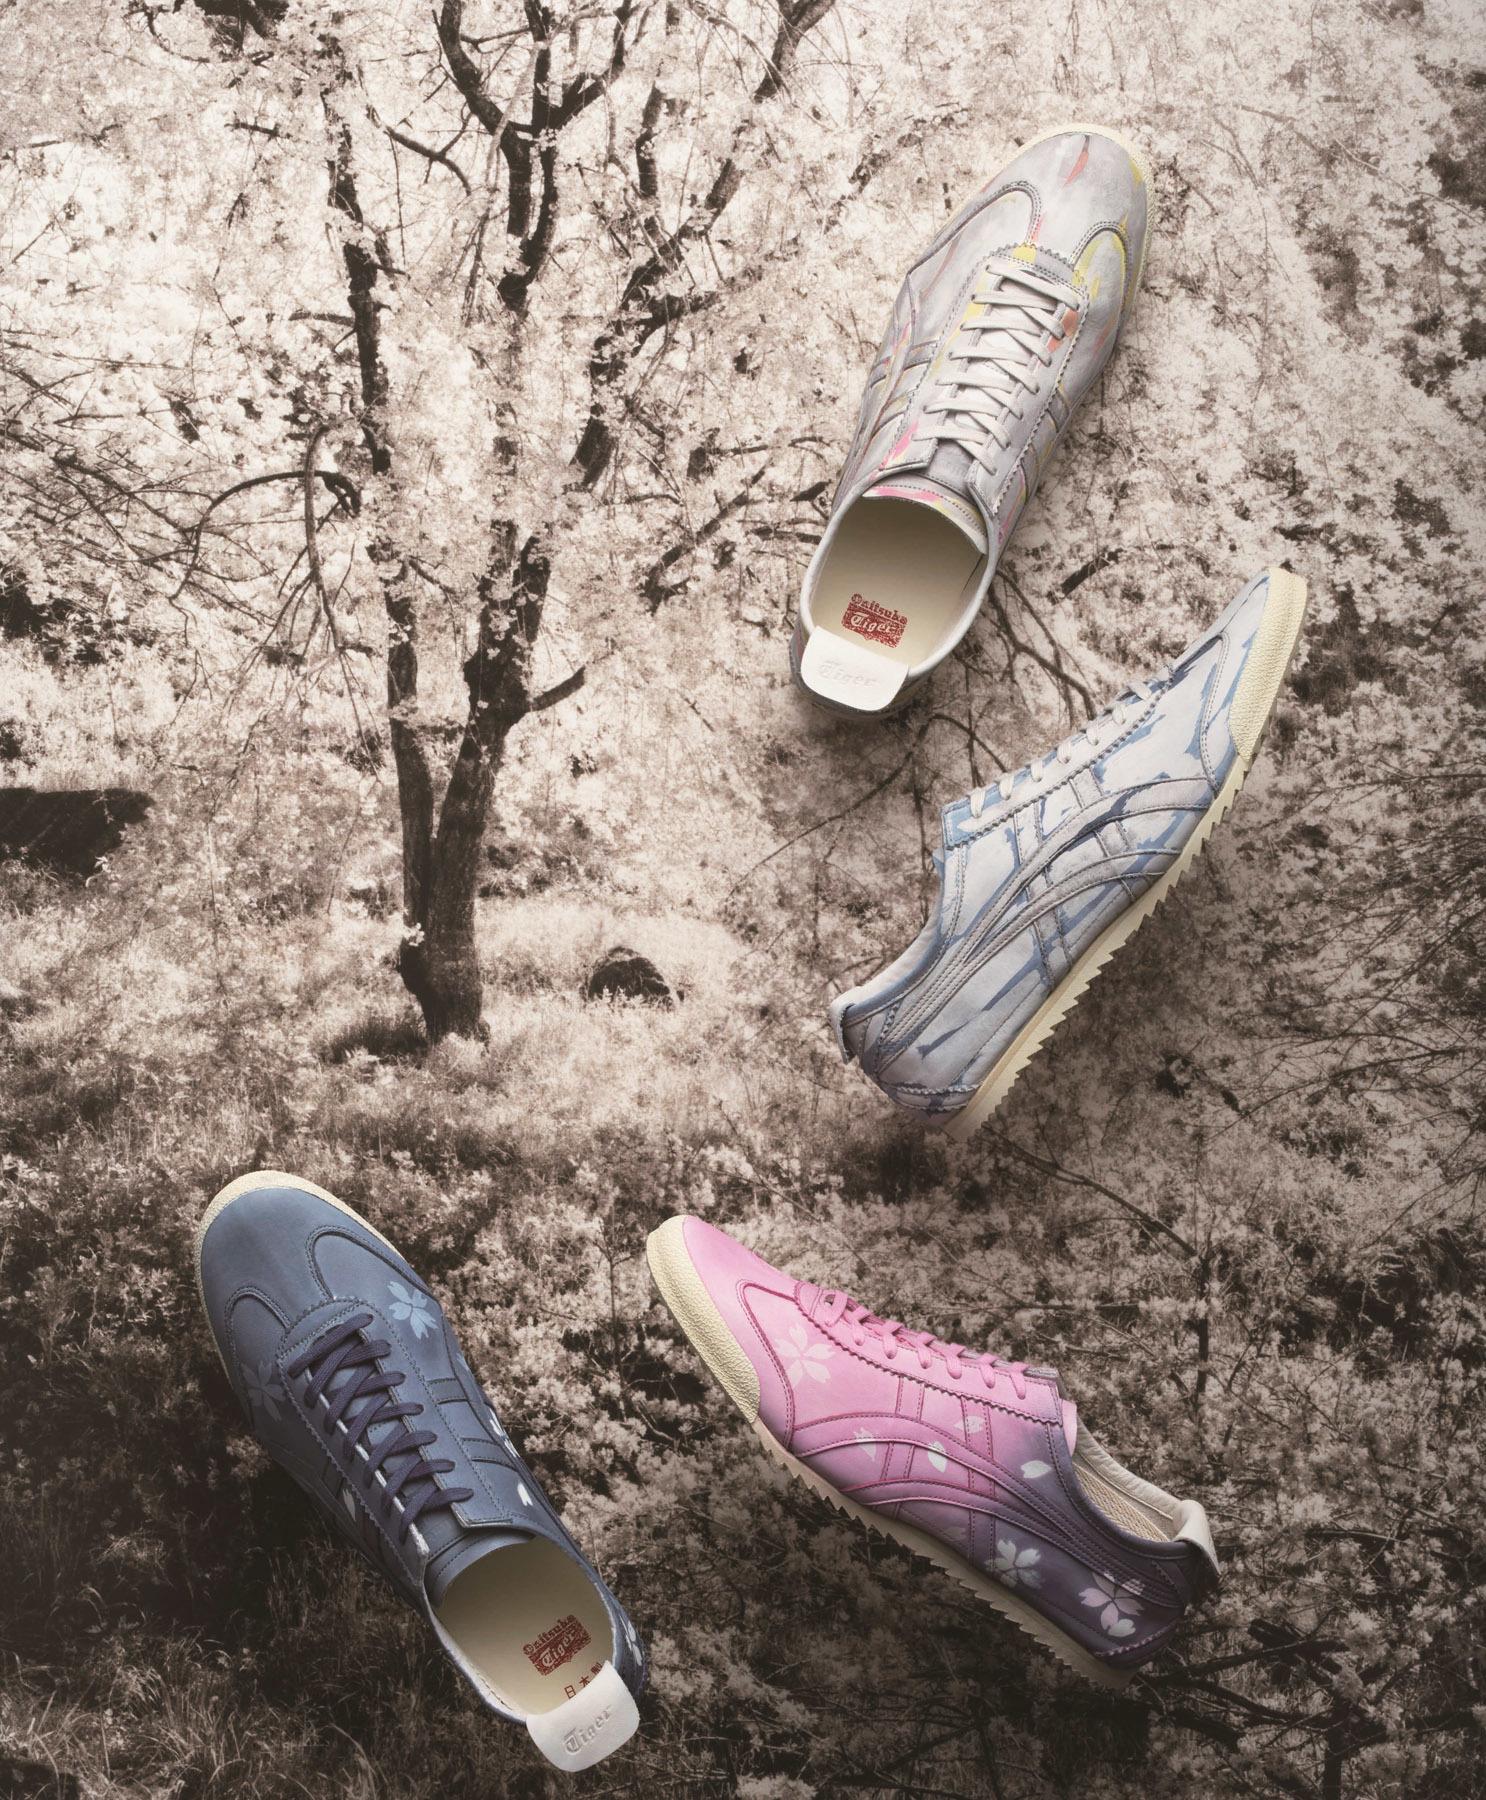 お花見シーズンにピッタリ♪ 友禅染の「桜」柄スニーカー登場